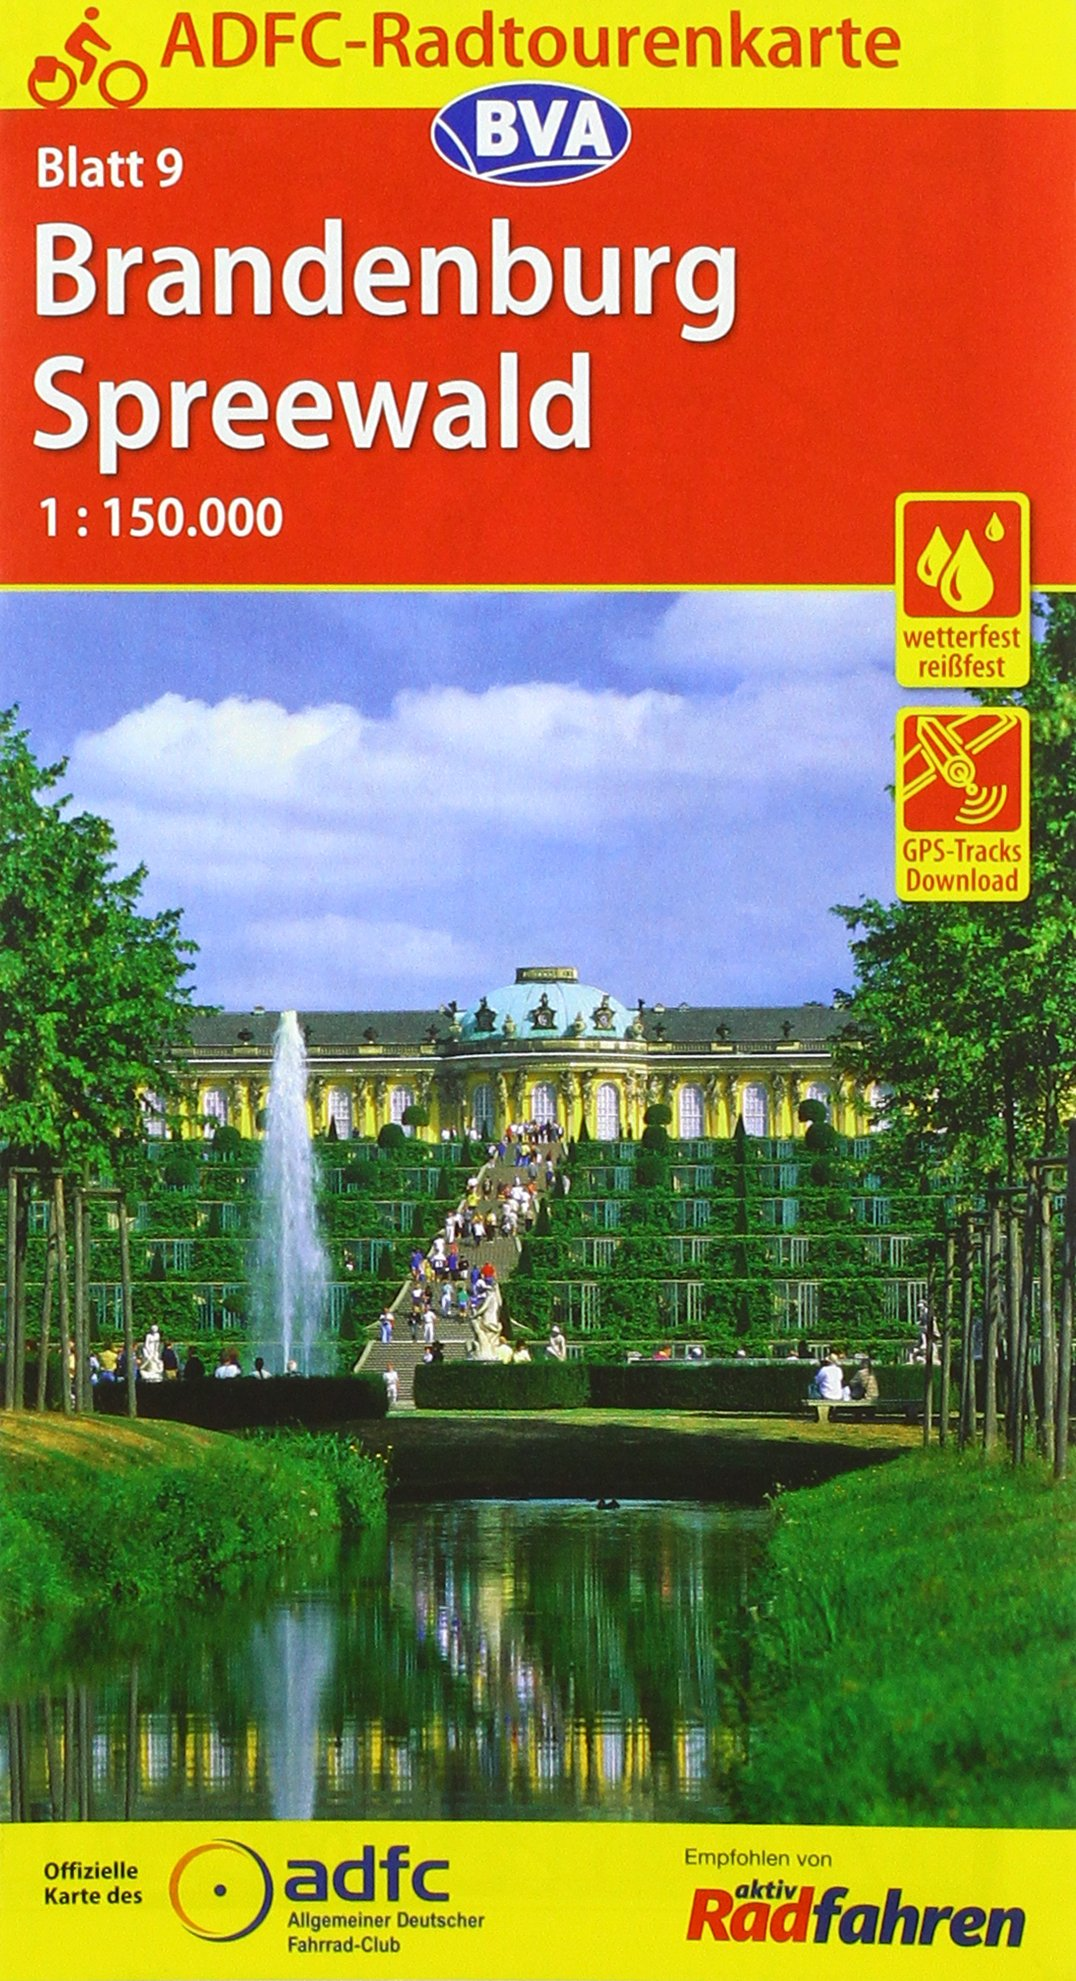 ADFC-Radtourenkarte 9 Brandenburg Spreewald 1:150.000, reiß- und wetterfest, GPS-Tracks Download und Online-Begleitheft (ADFC-Radtourenkarte 1:150000)